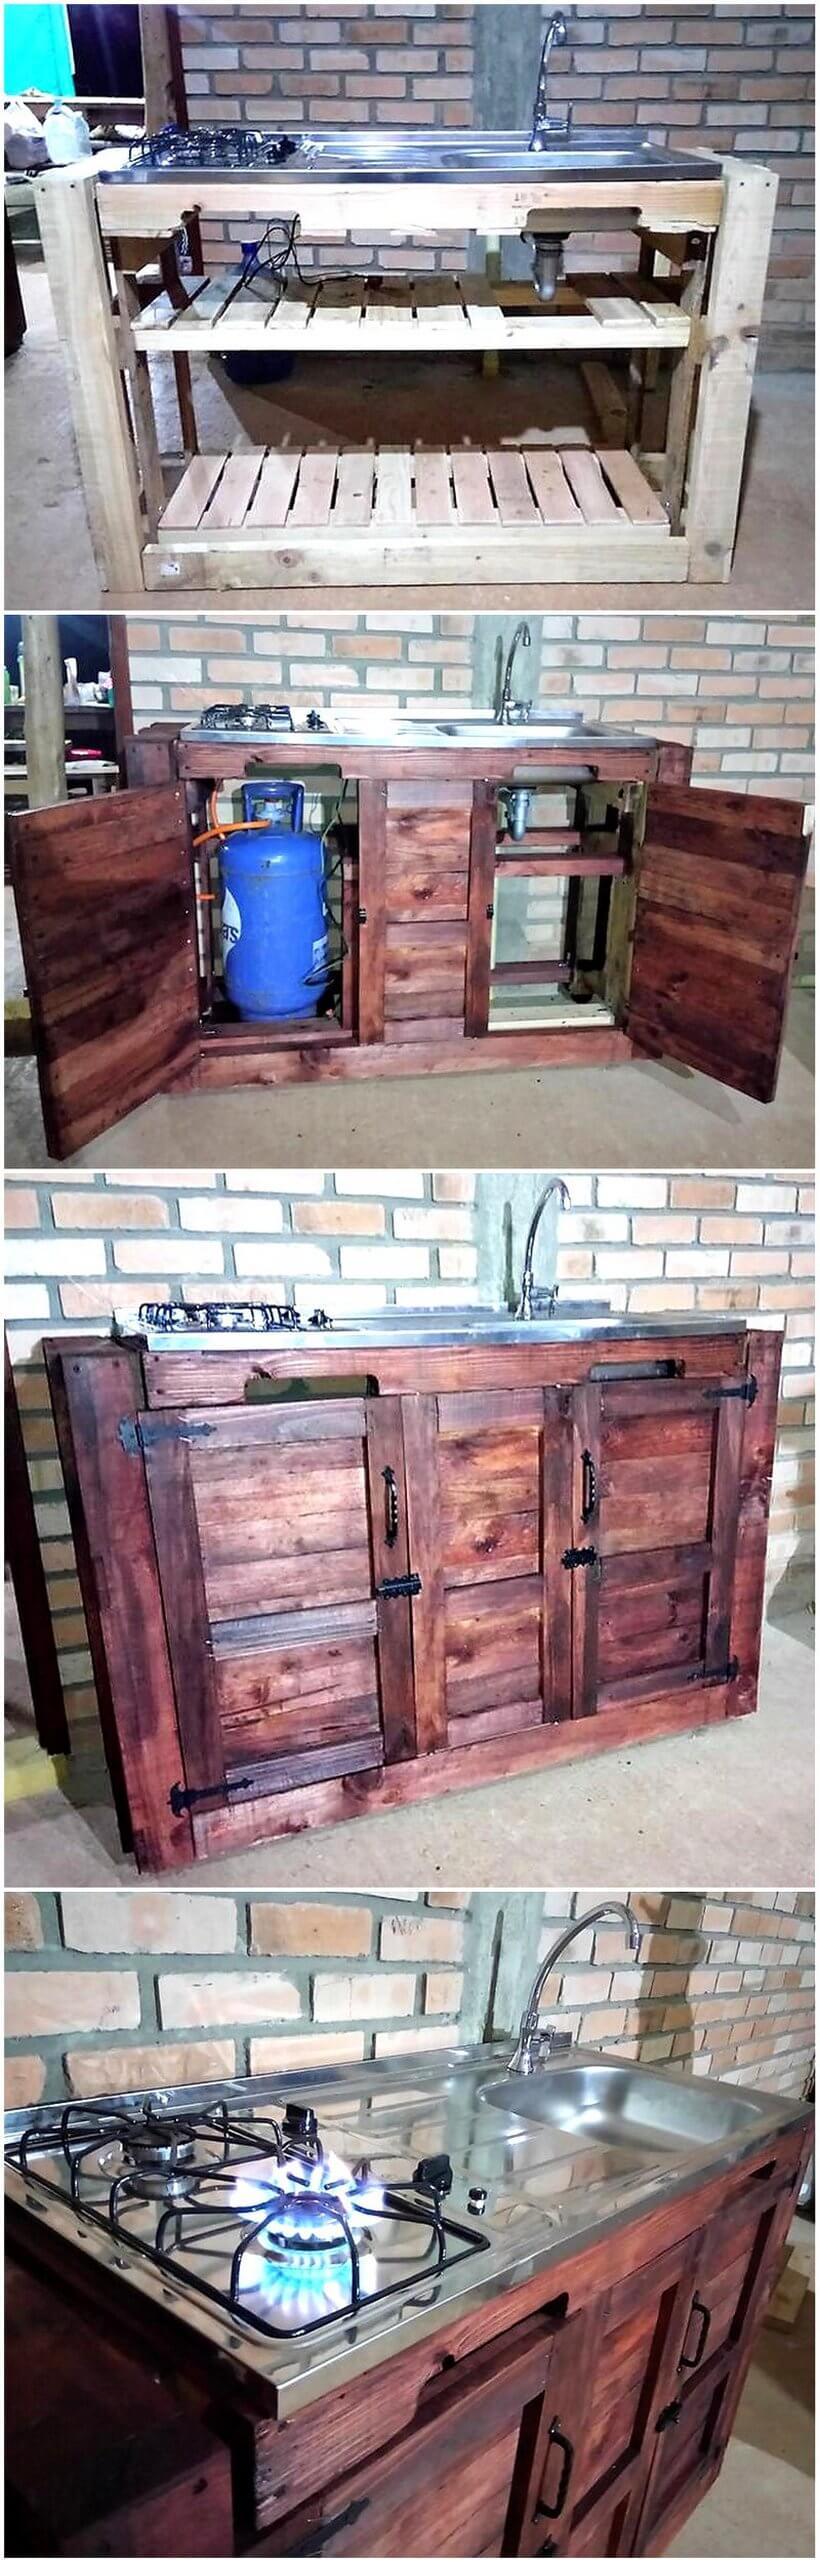 diy wooden pallet kitchen idea